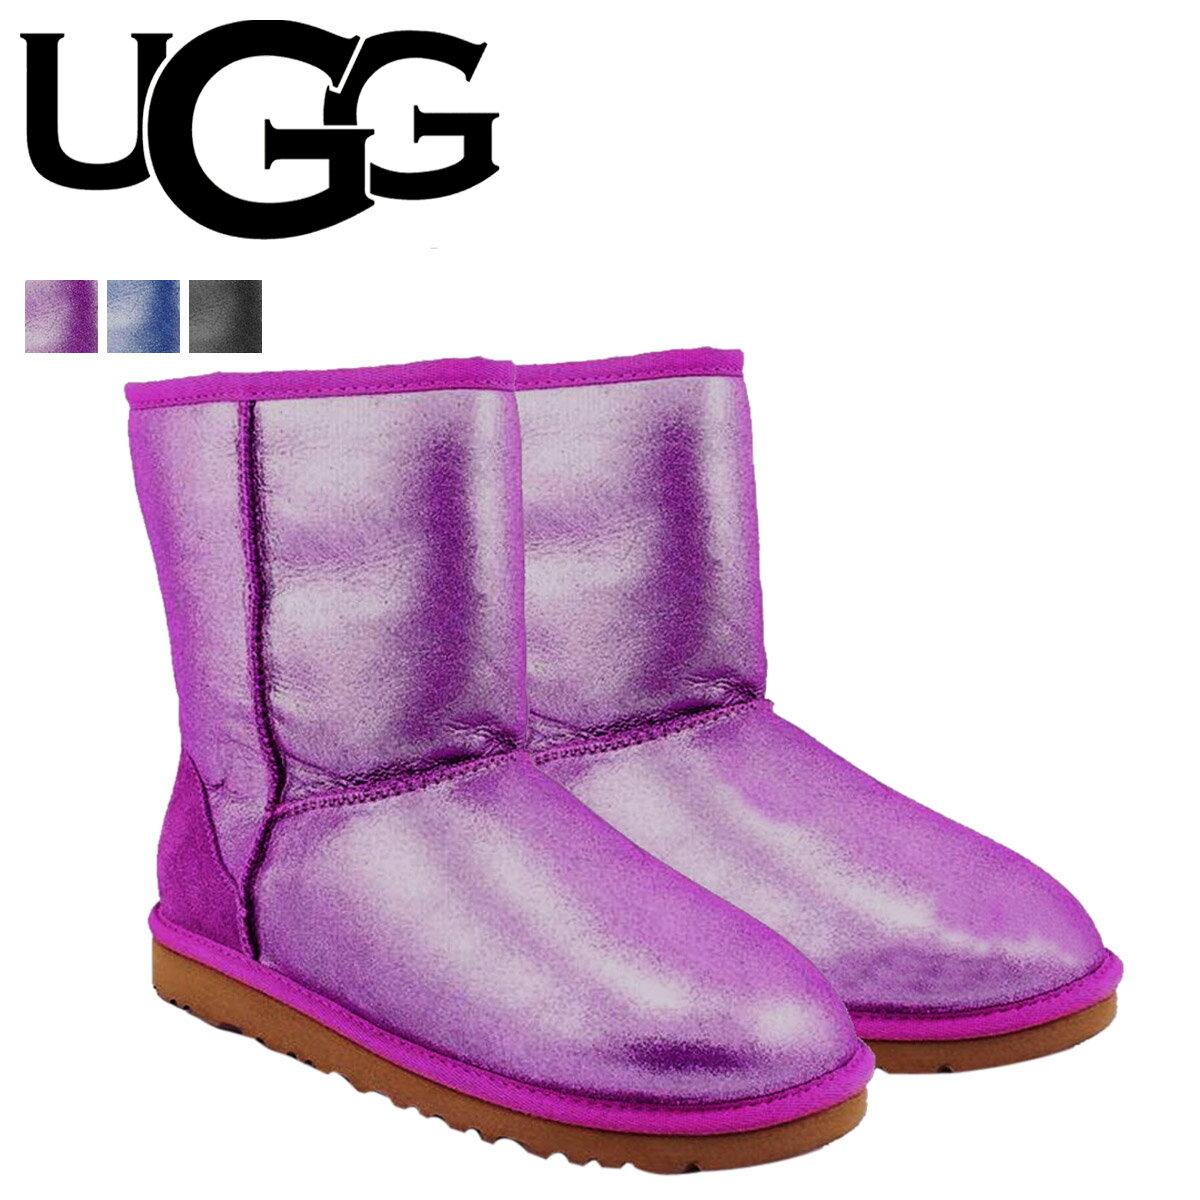 アグ UGG キッズ クラシック ムートンブーツ KIDS CLASSIC GLITTER 1000792 シープスキン レディース